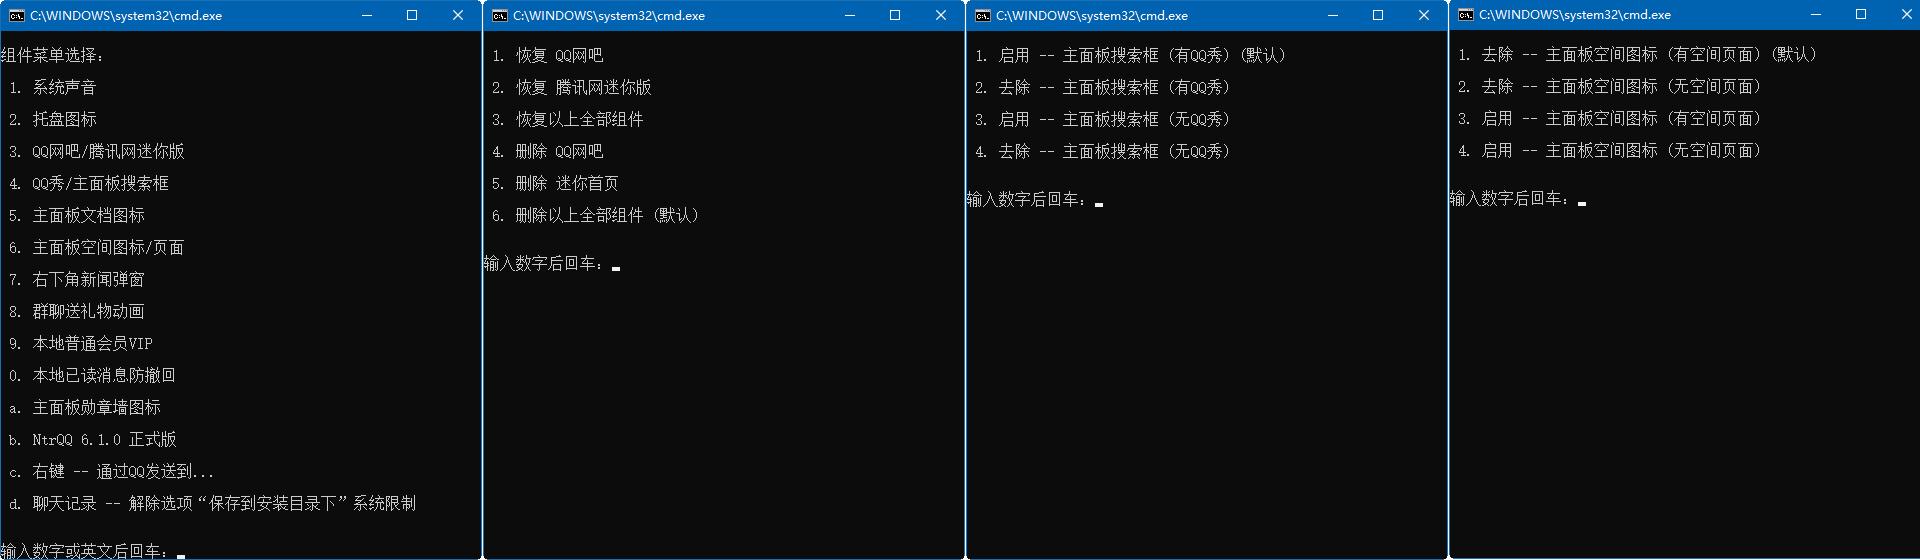 电脑QQv9.4.0 最新特别版